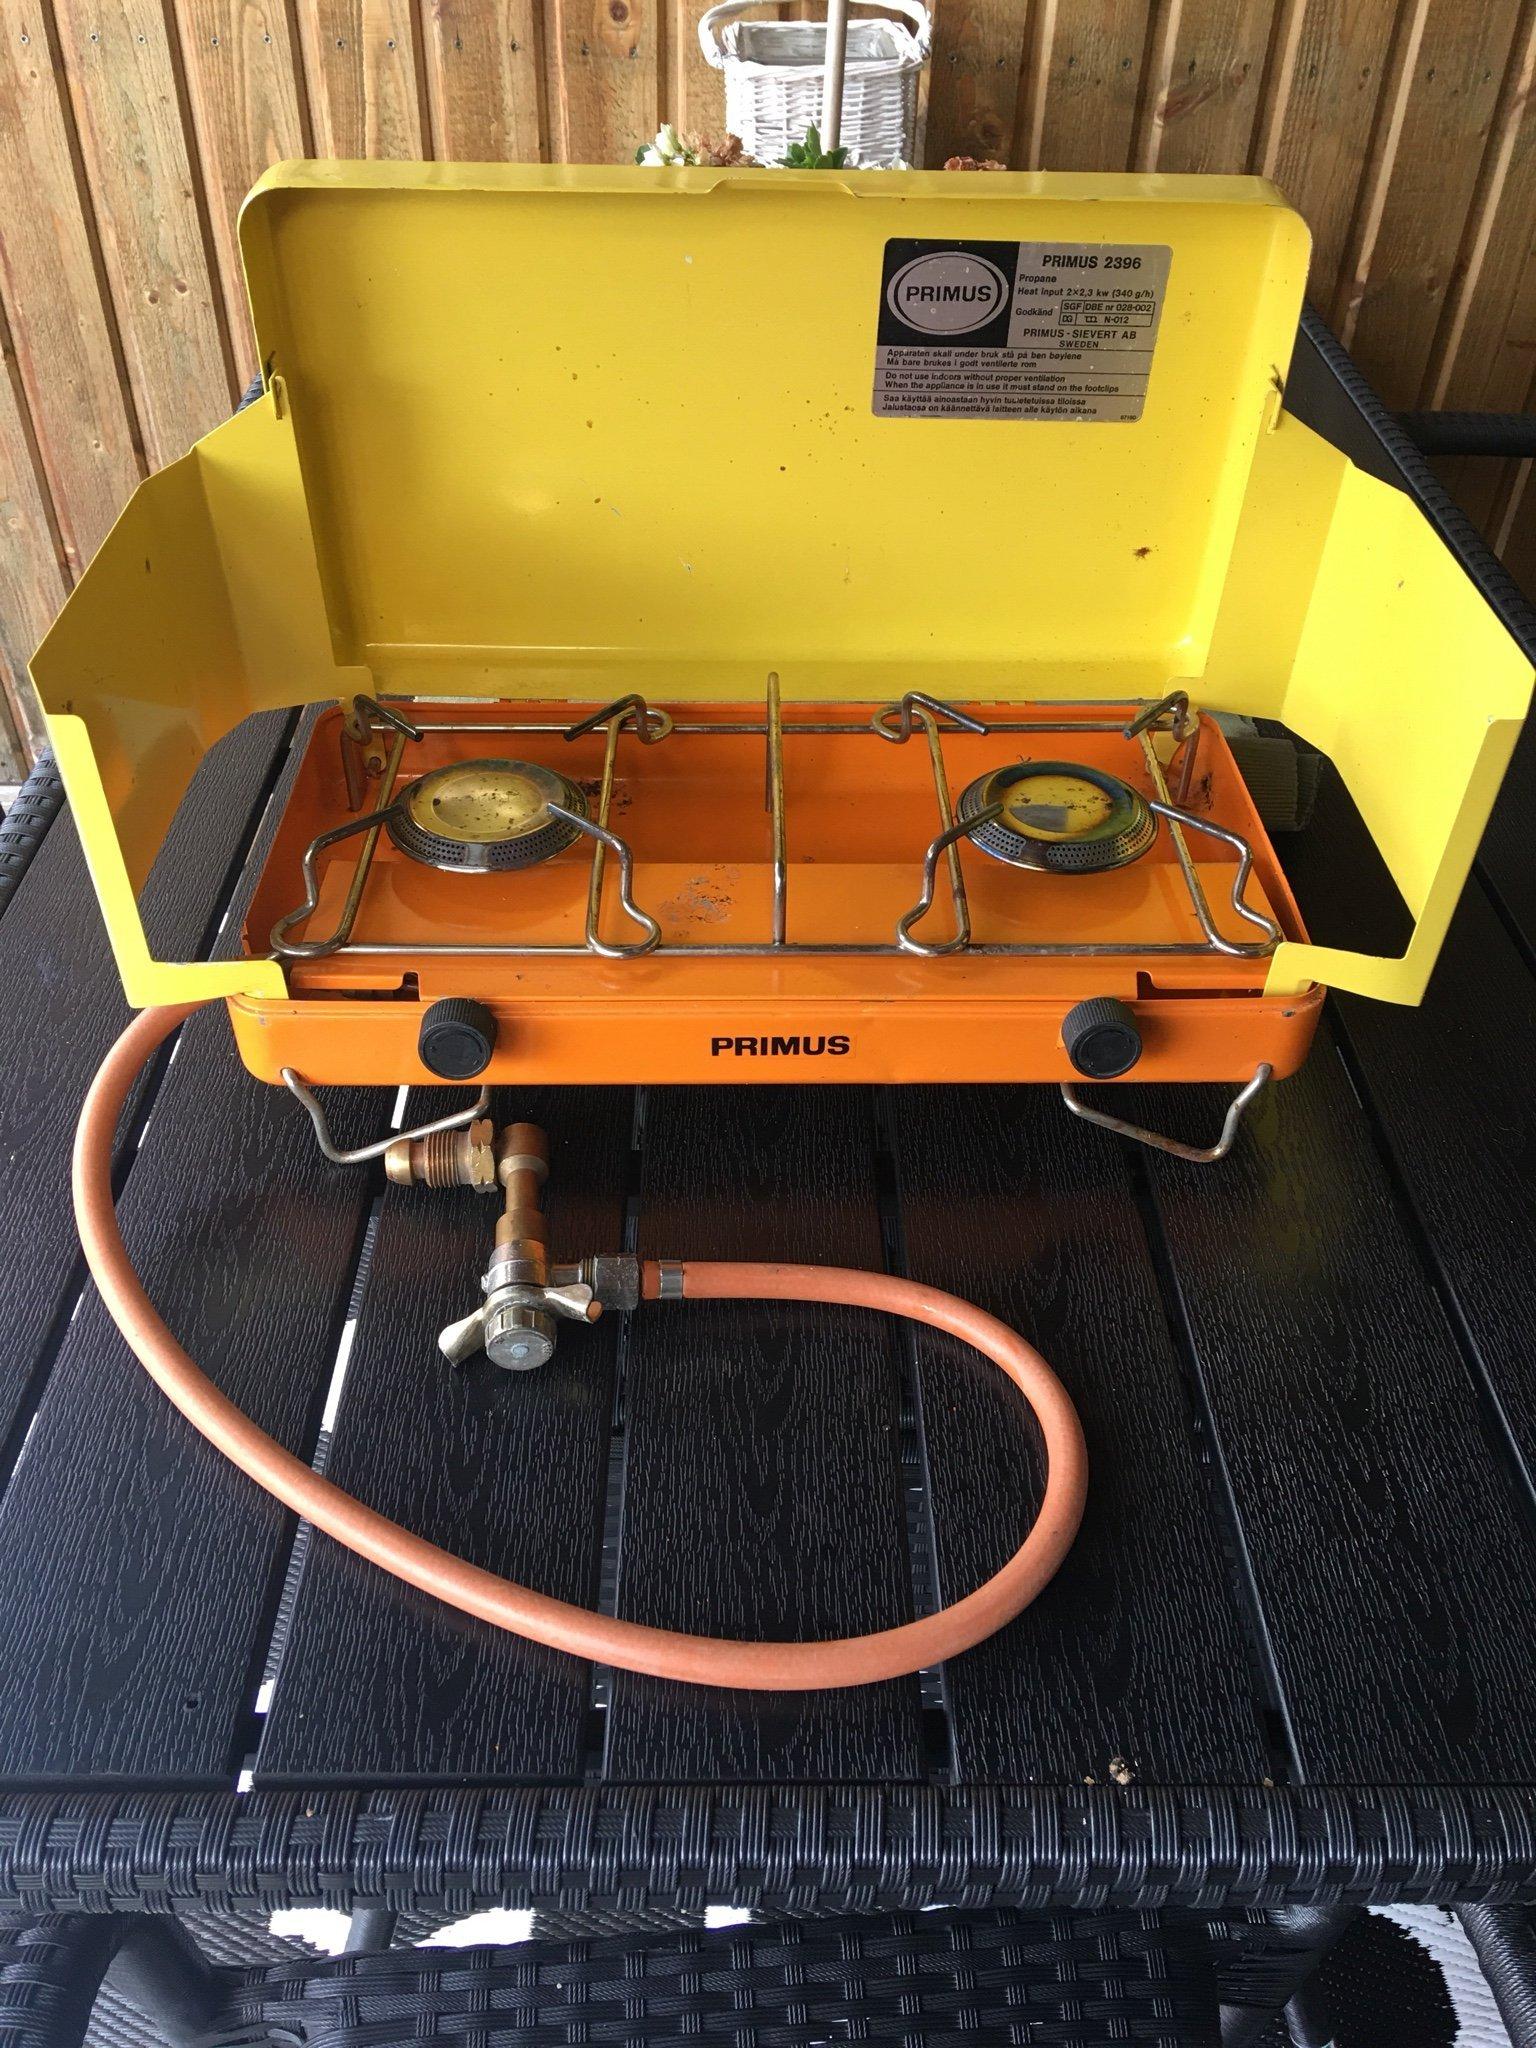 Primus 2396 gasolkök campingkök (359916569) ᐈ Köp på Tradera